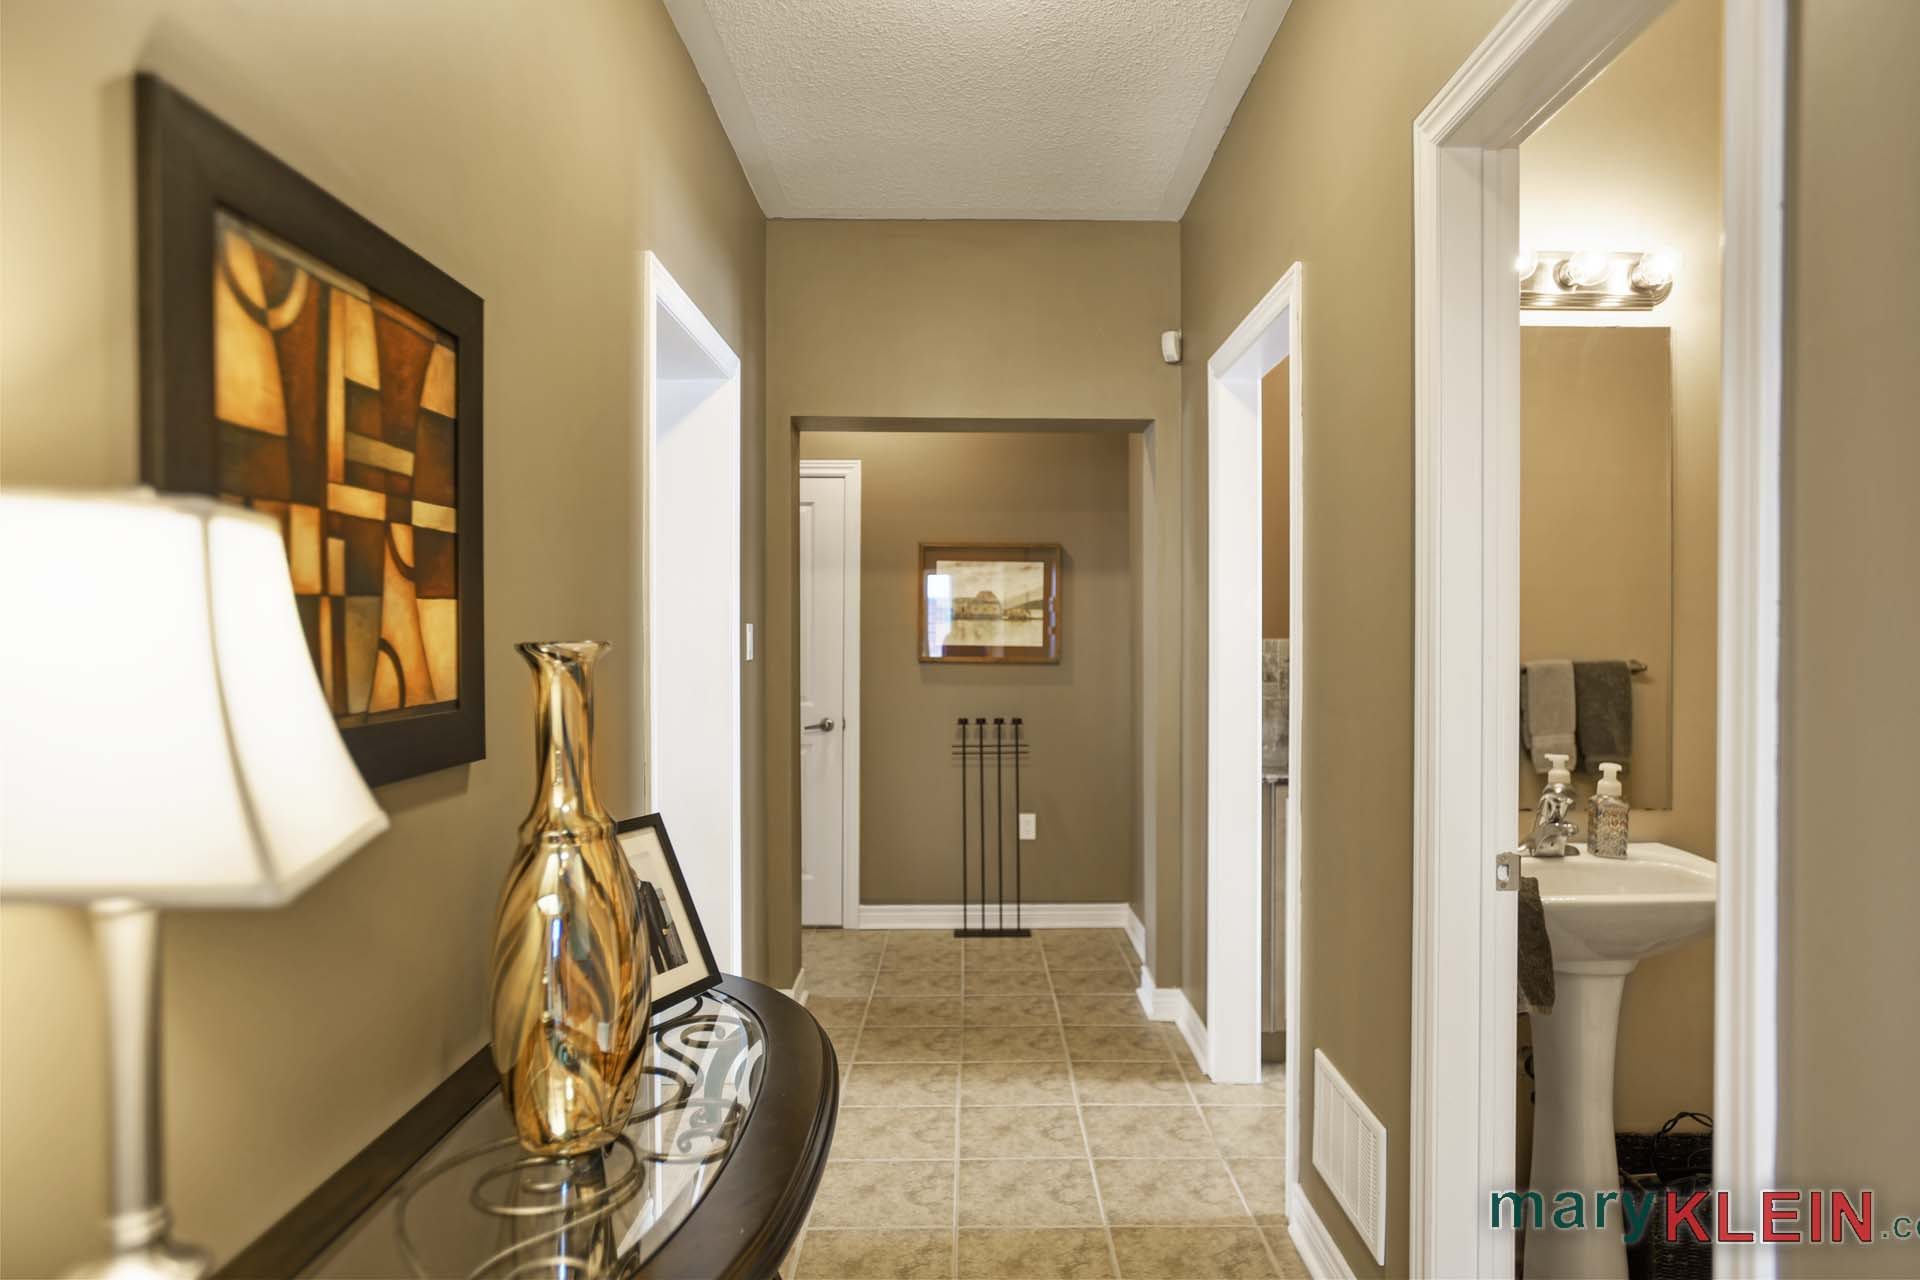 Hallway to Bedrooms